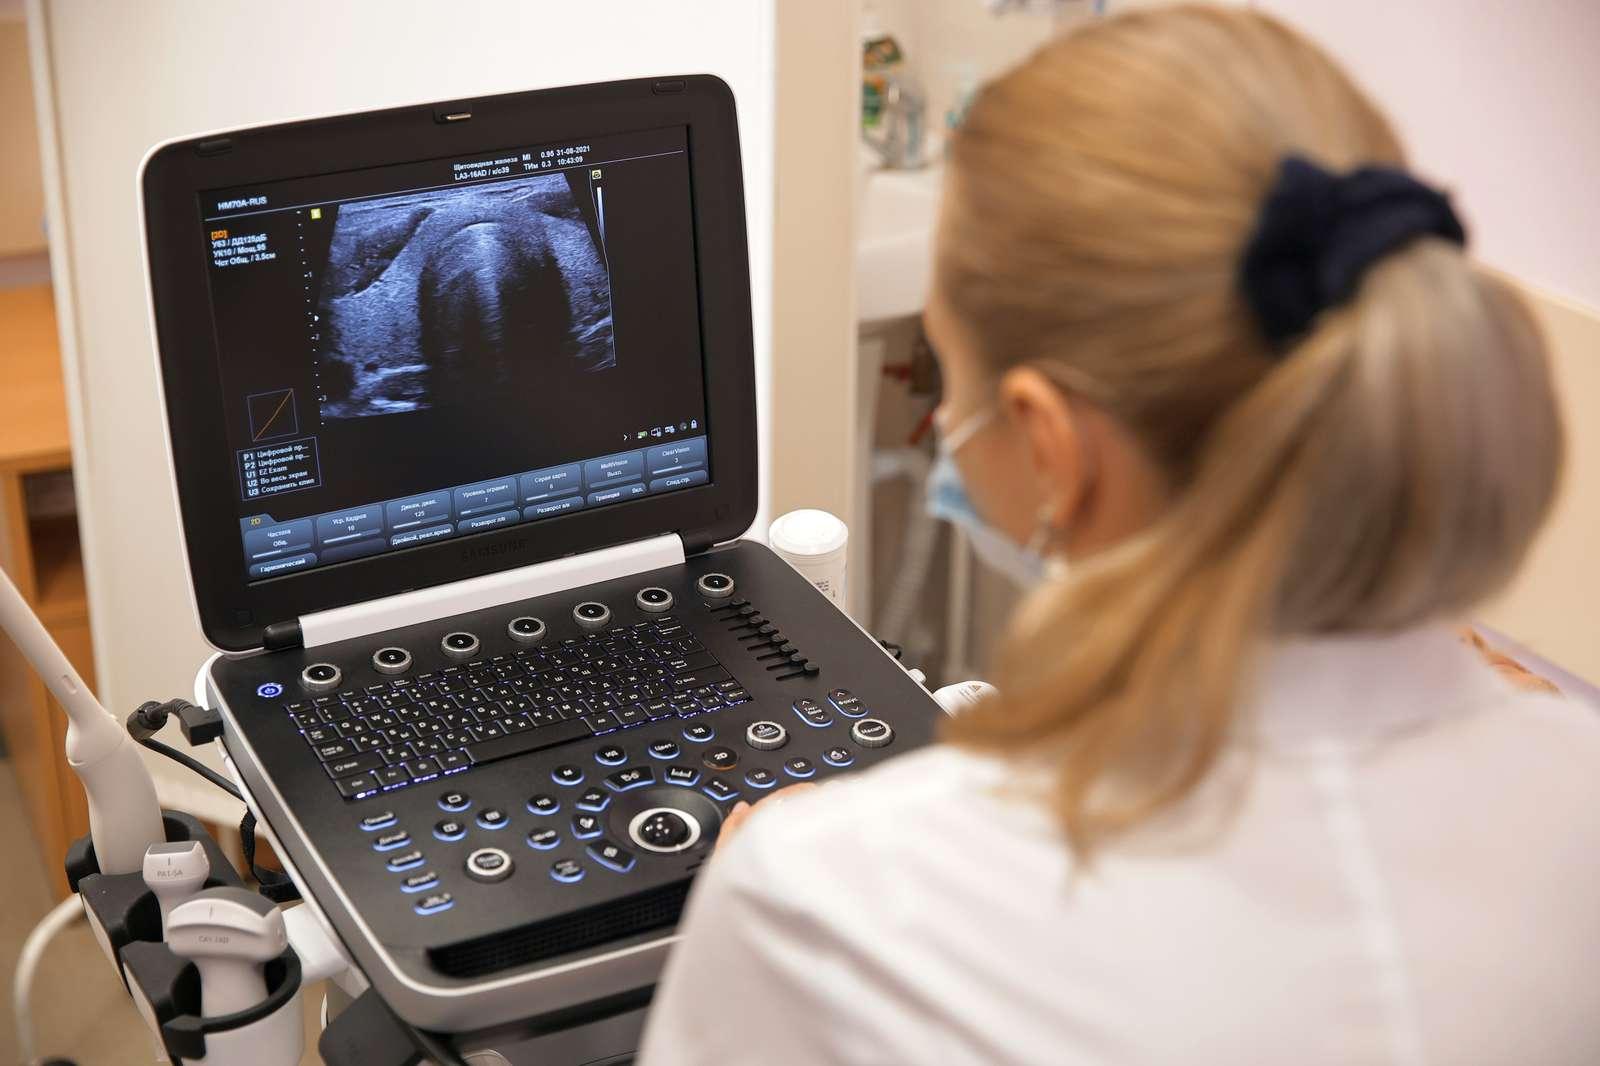 Новое оборудование в поликлинике №10 в Балашихе вдвое ускорило прием пациентов | Изображение 1